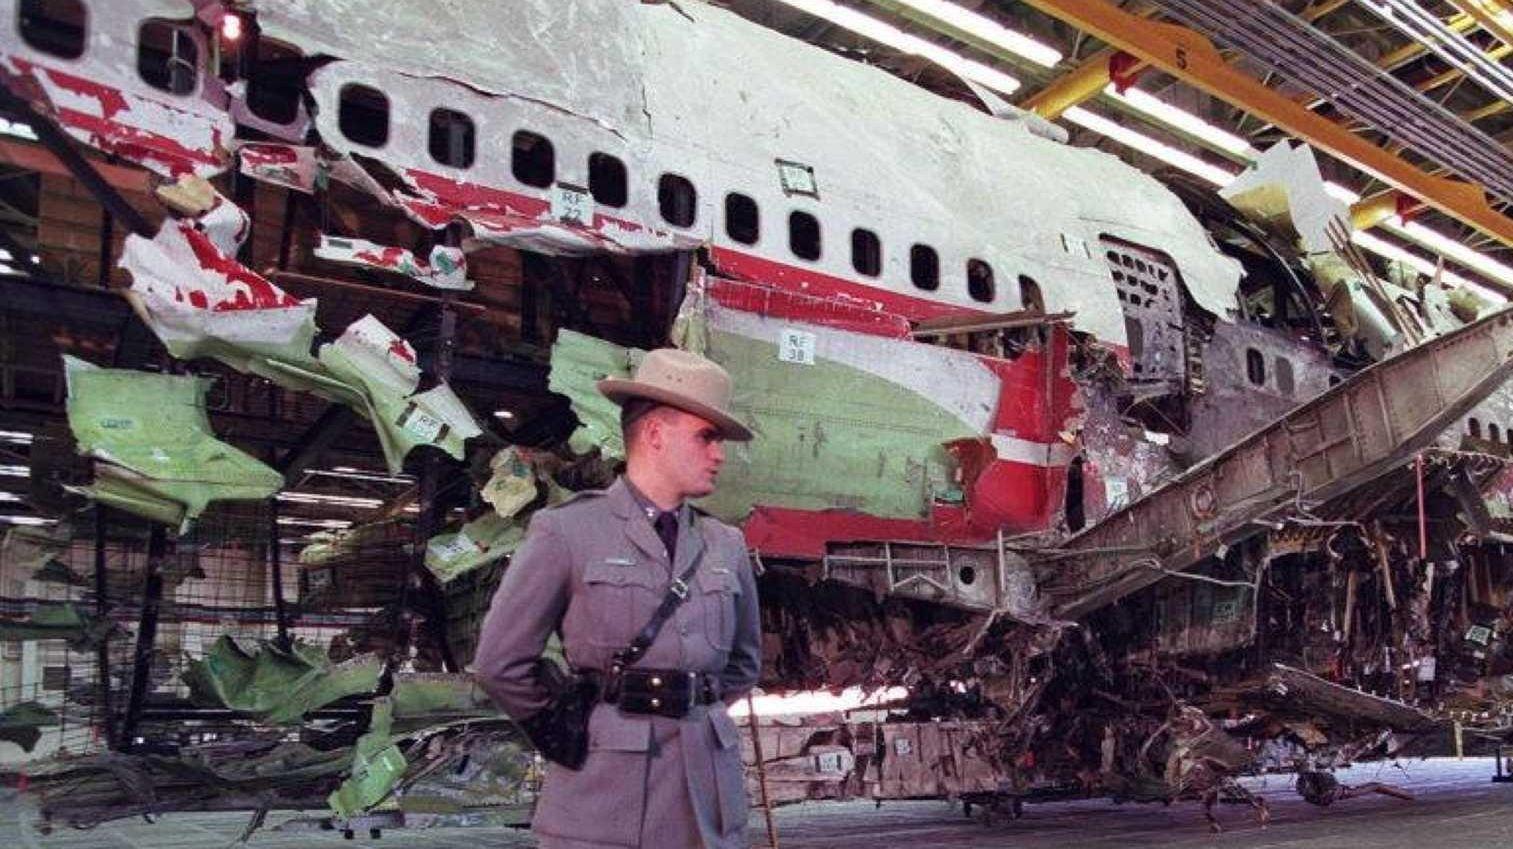 Some LIers still think Flight 800 was shot down